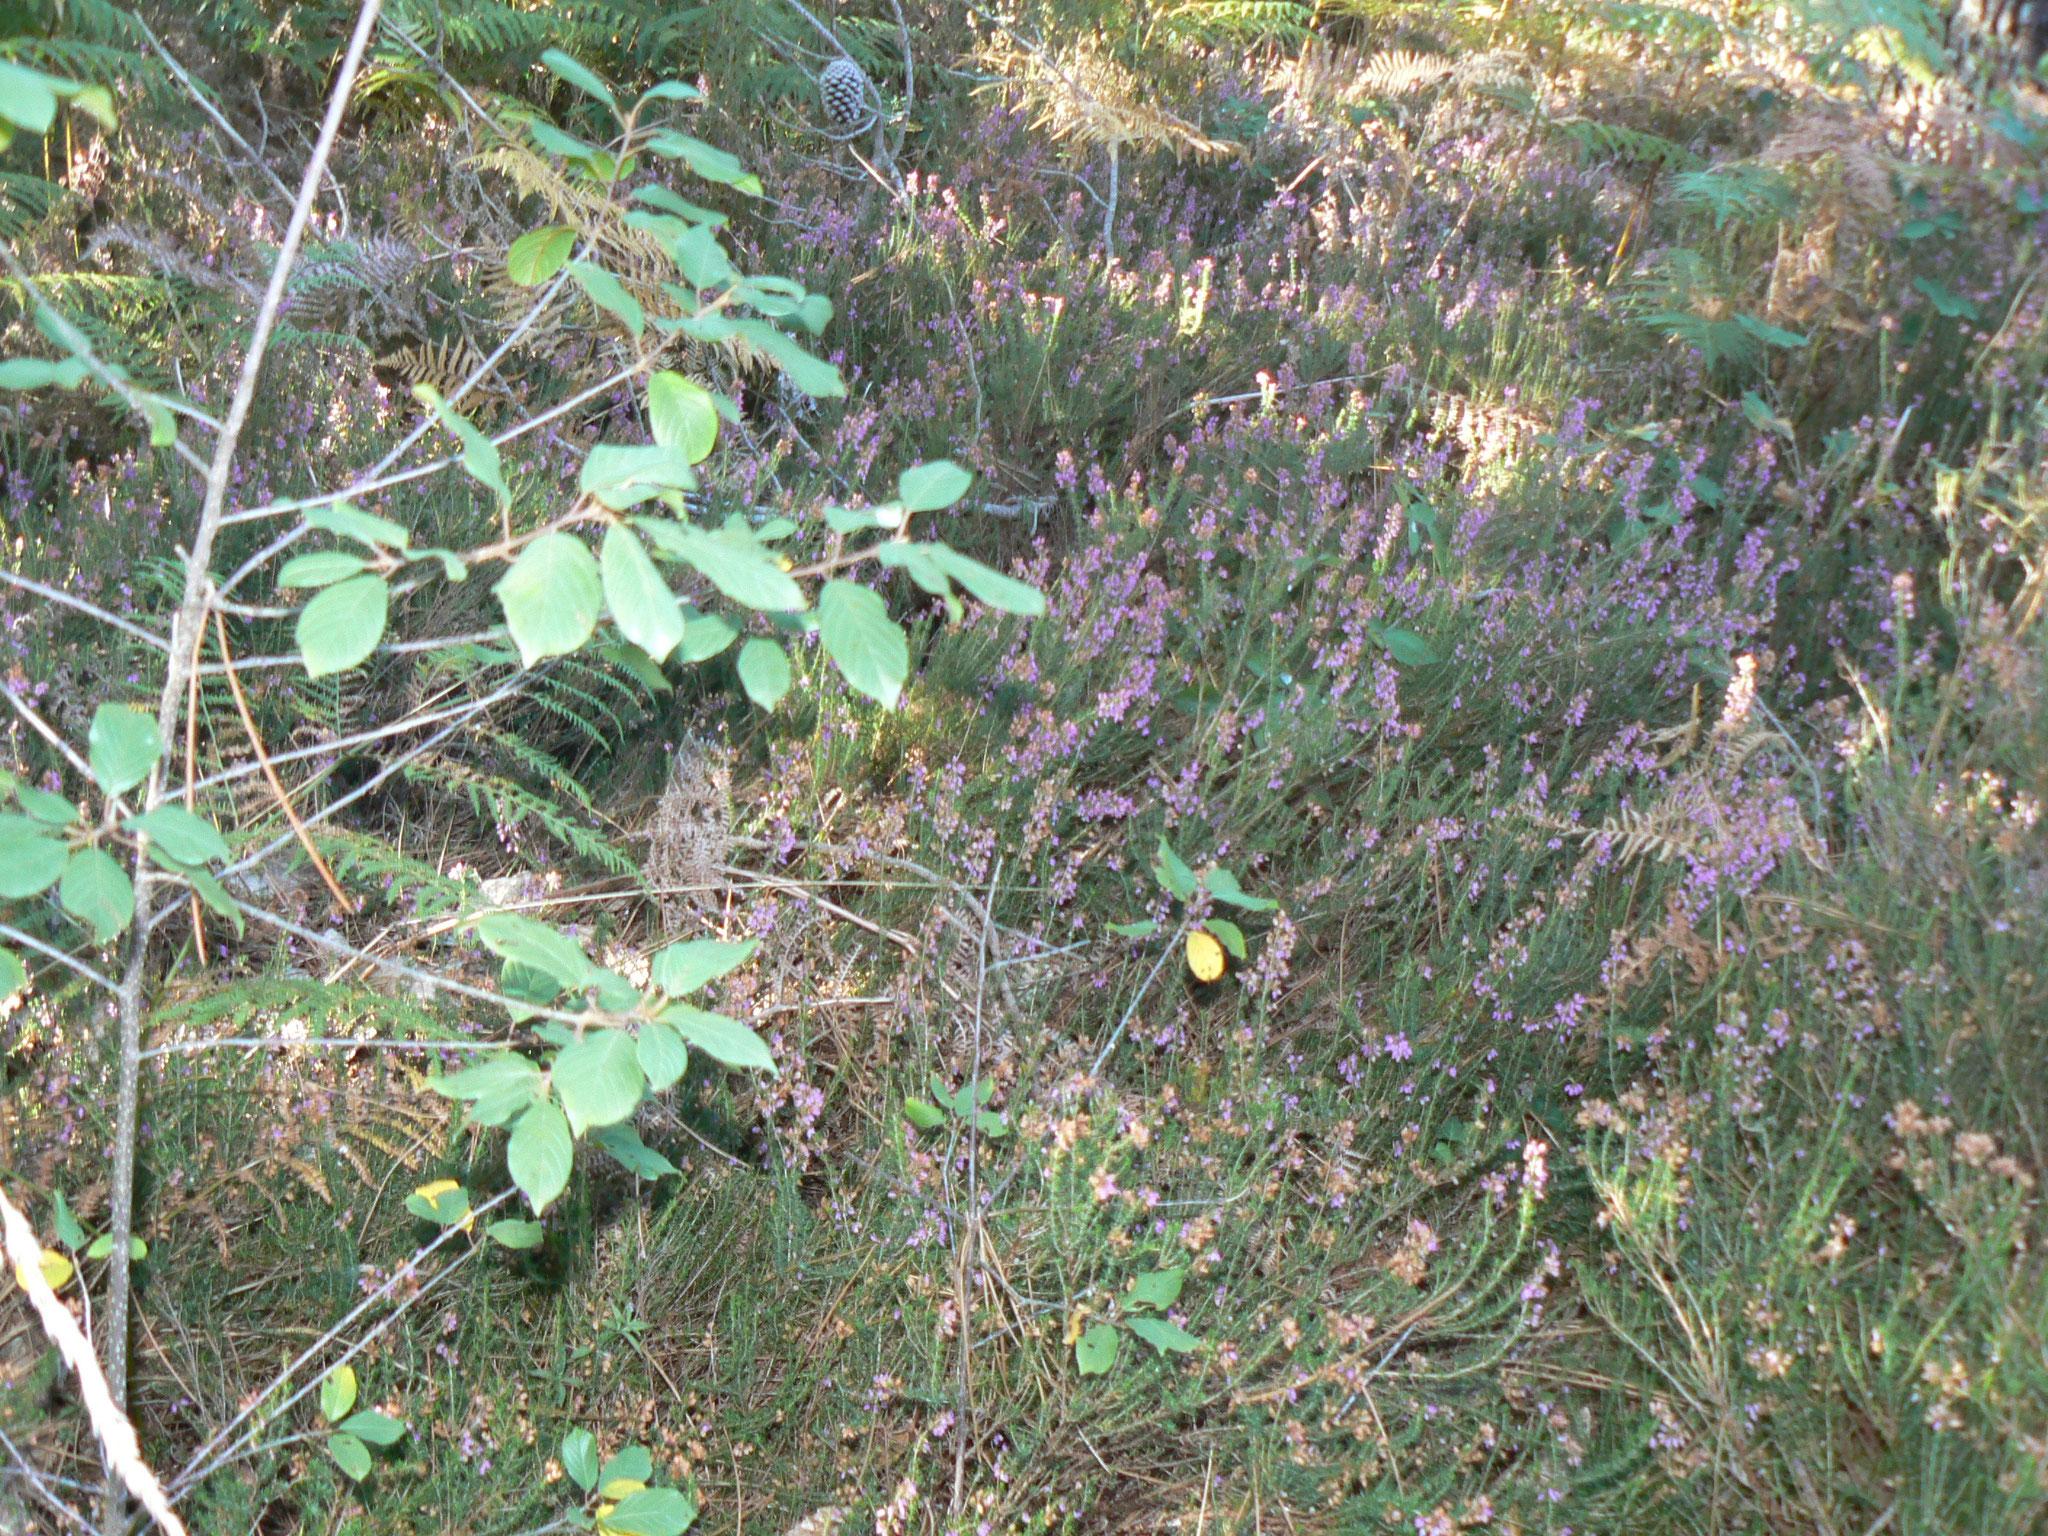 Bruyère « Erica carnea »  Plante mellifère à butiner comme nos copines les abeilles.